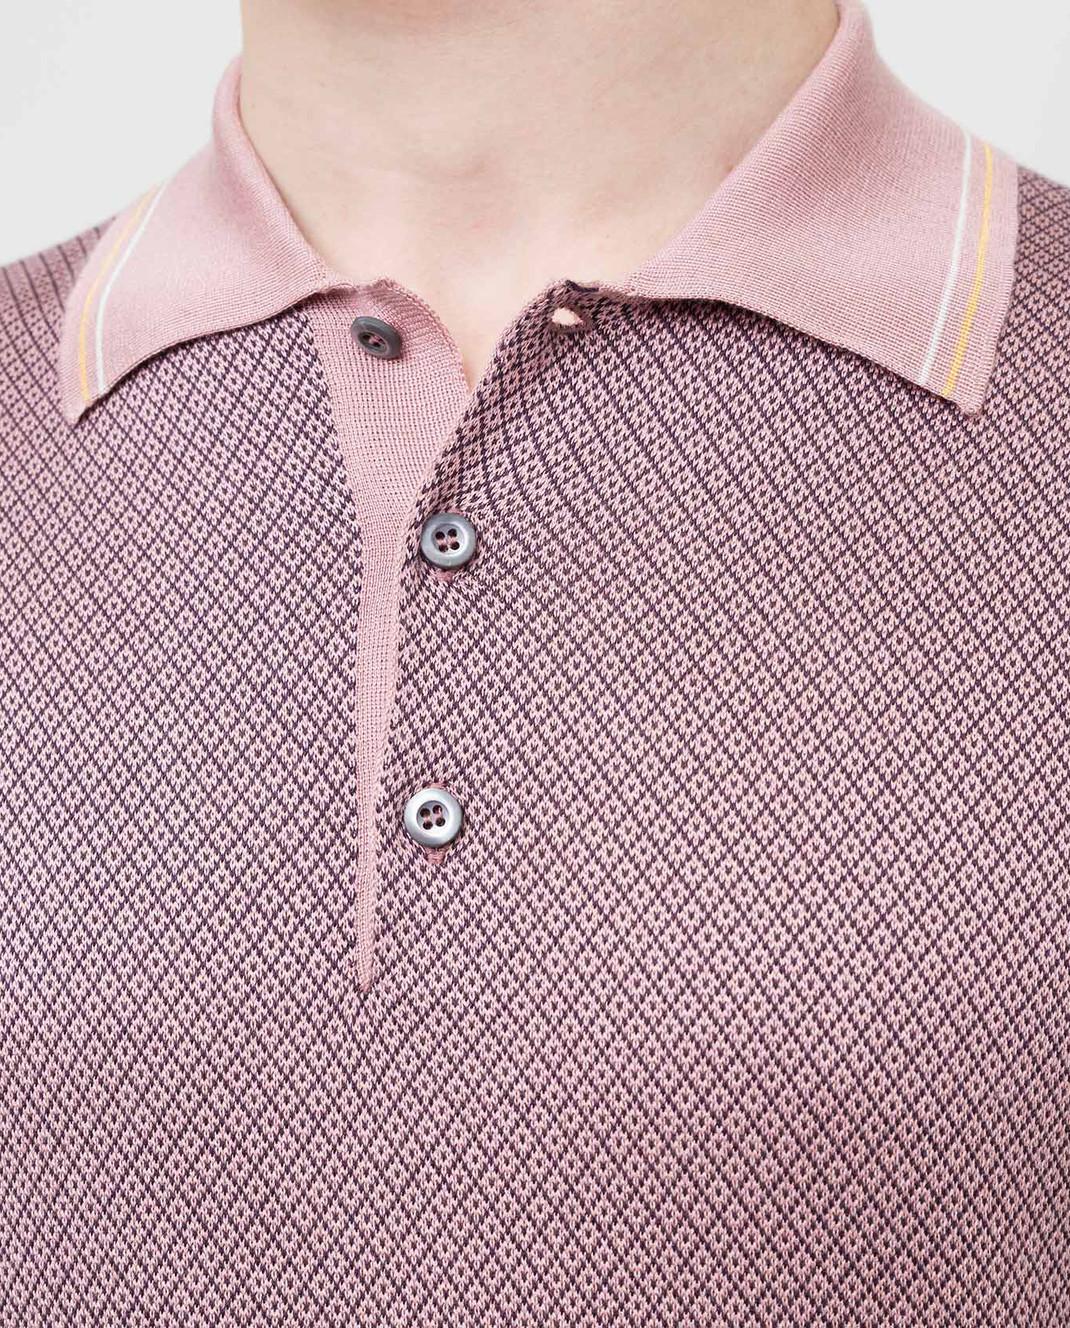 Prada Розовое поло из шелка UMB0021VSN изображение 5